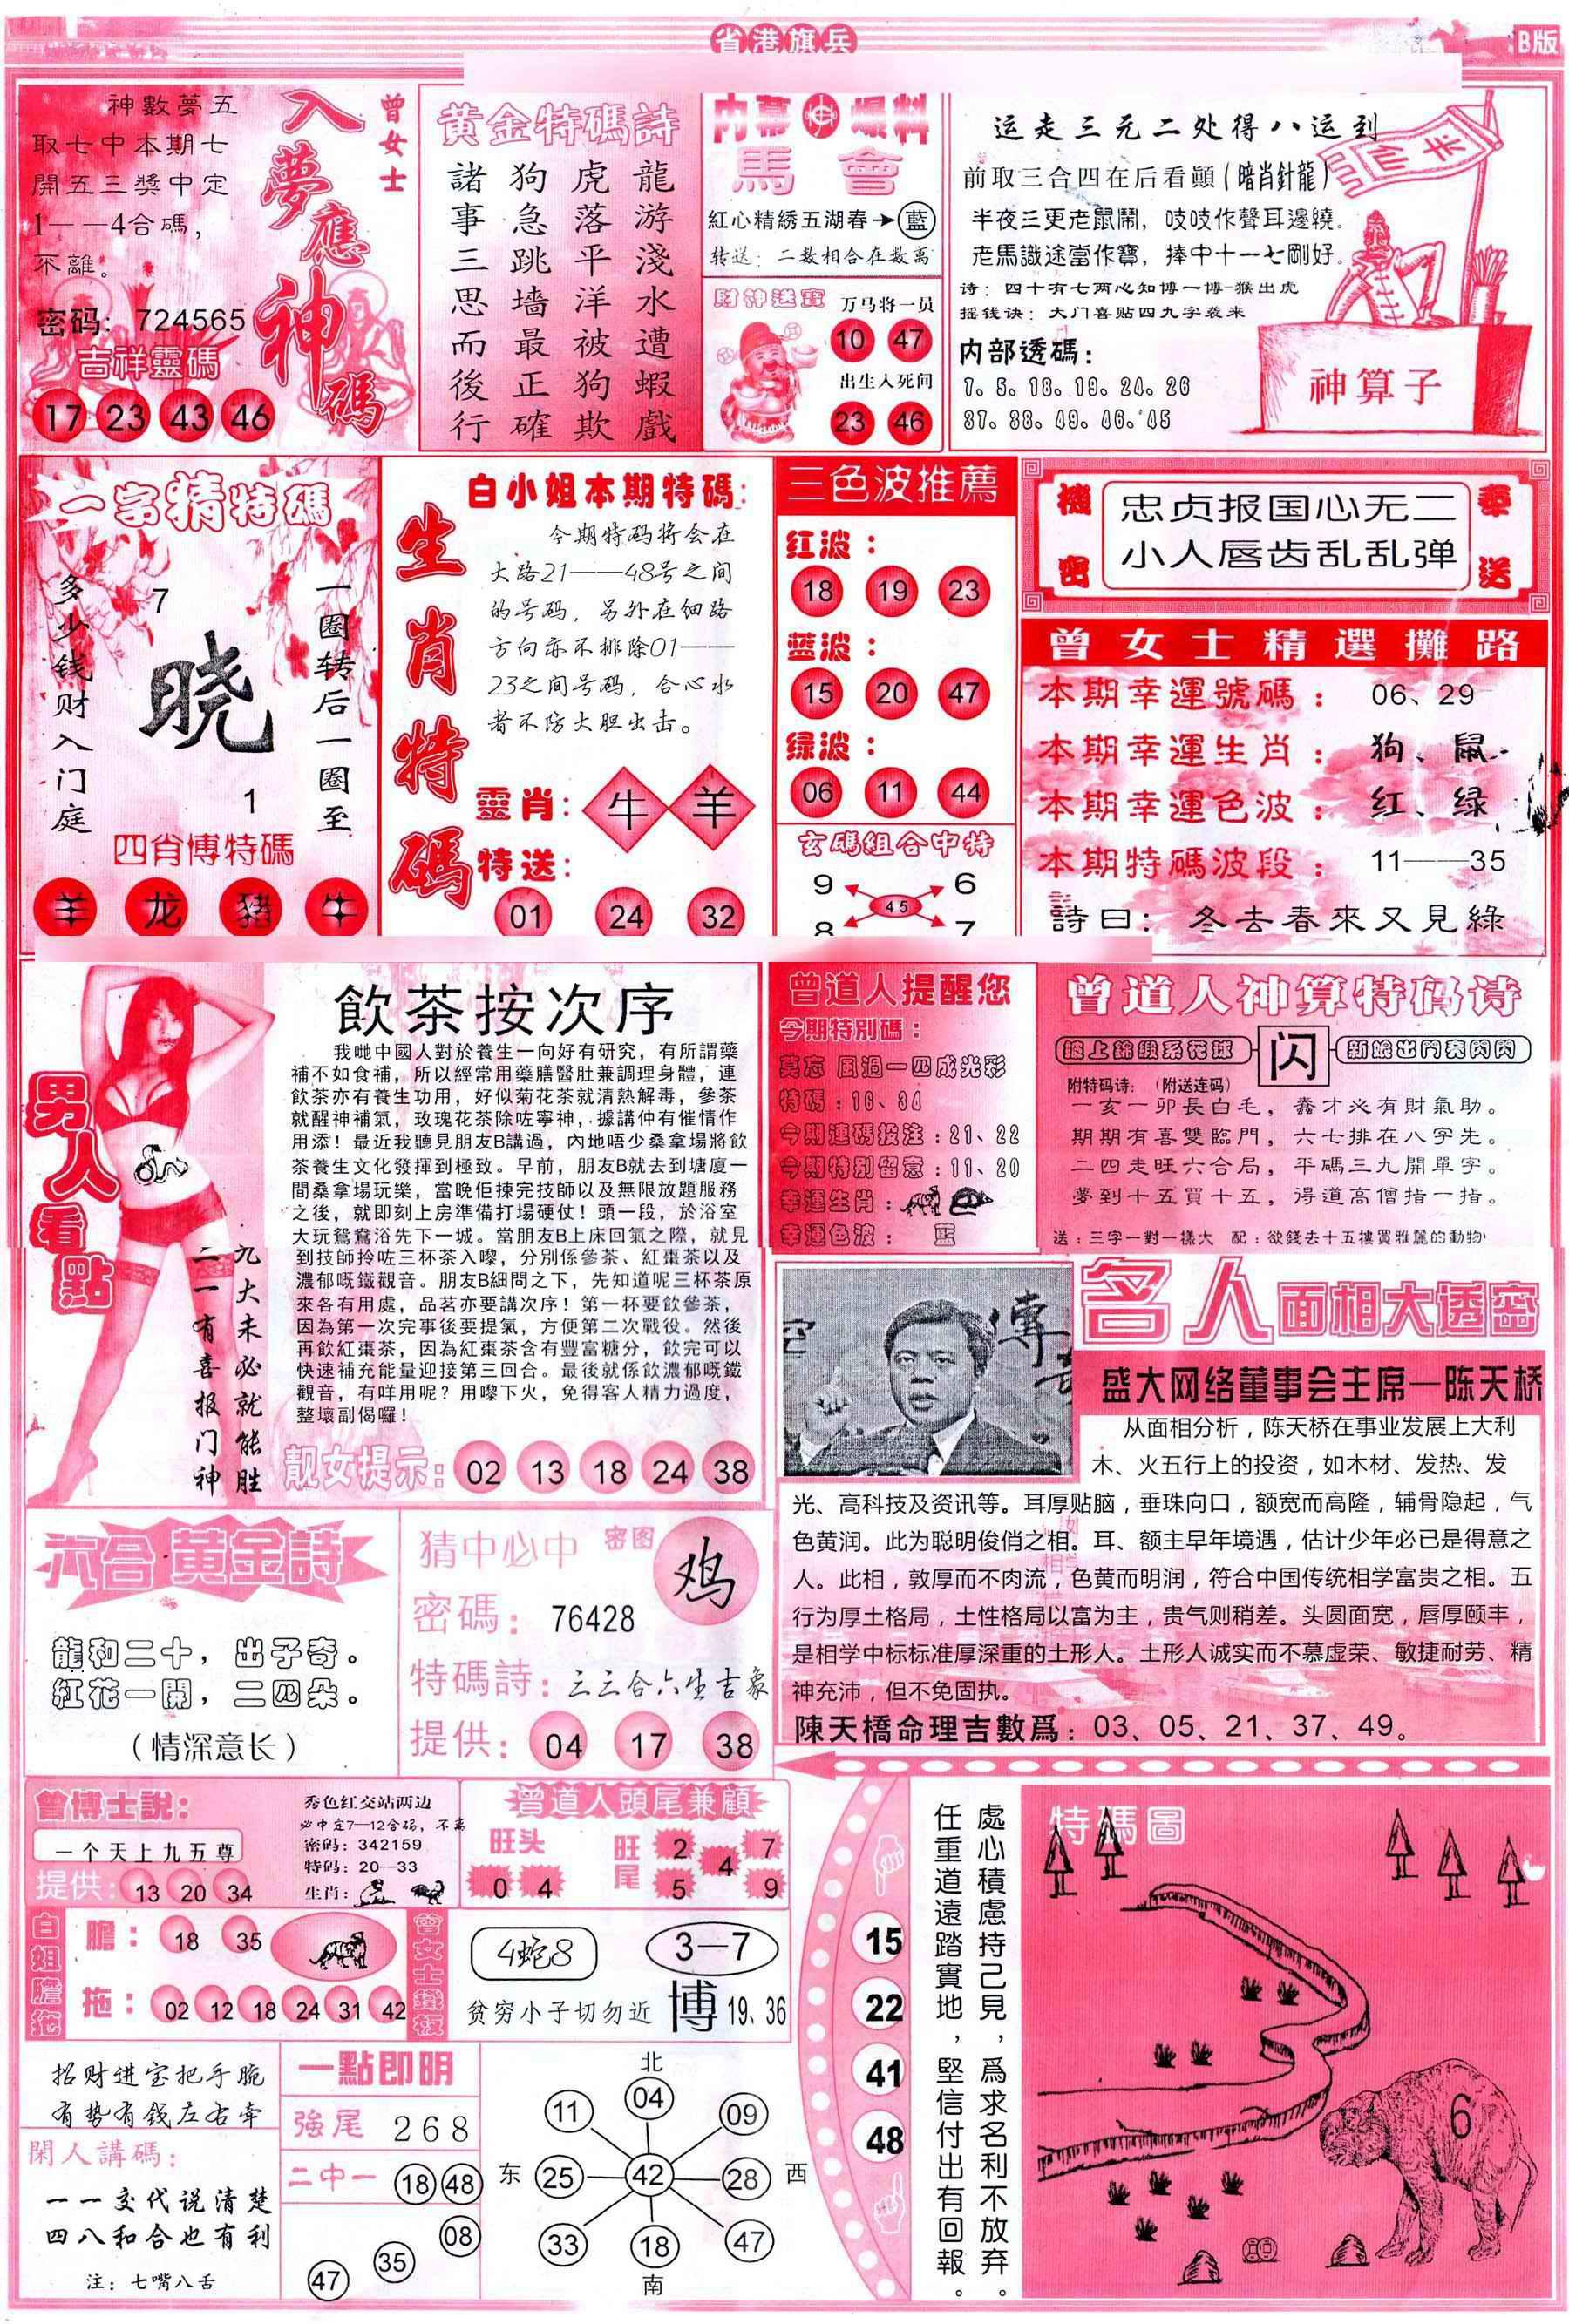 063期彩道B(保证香港版)